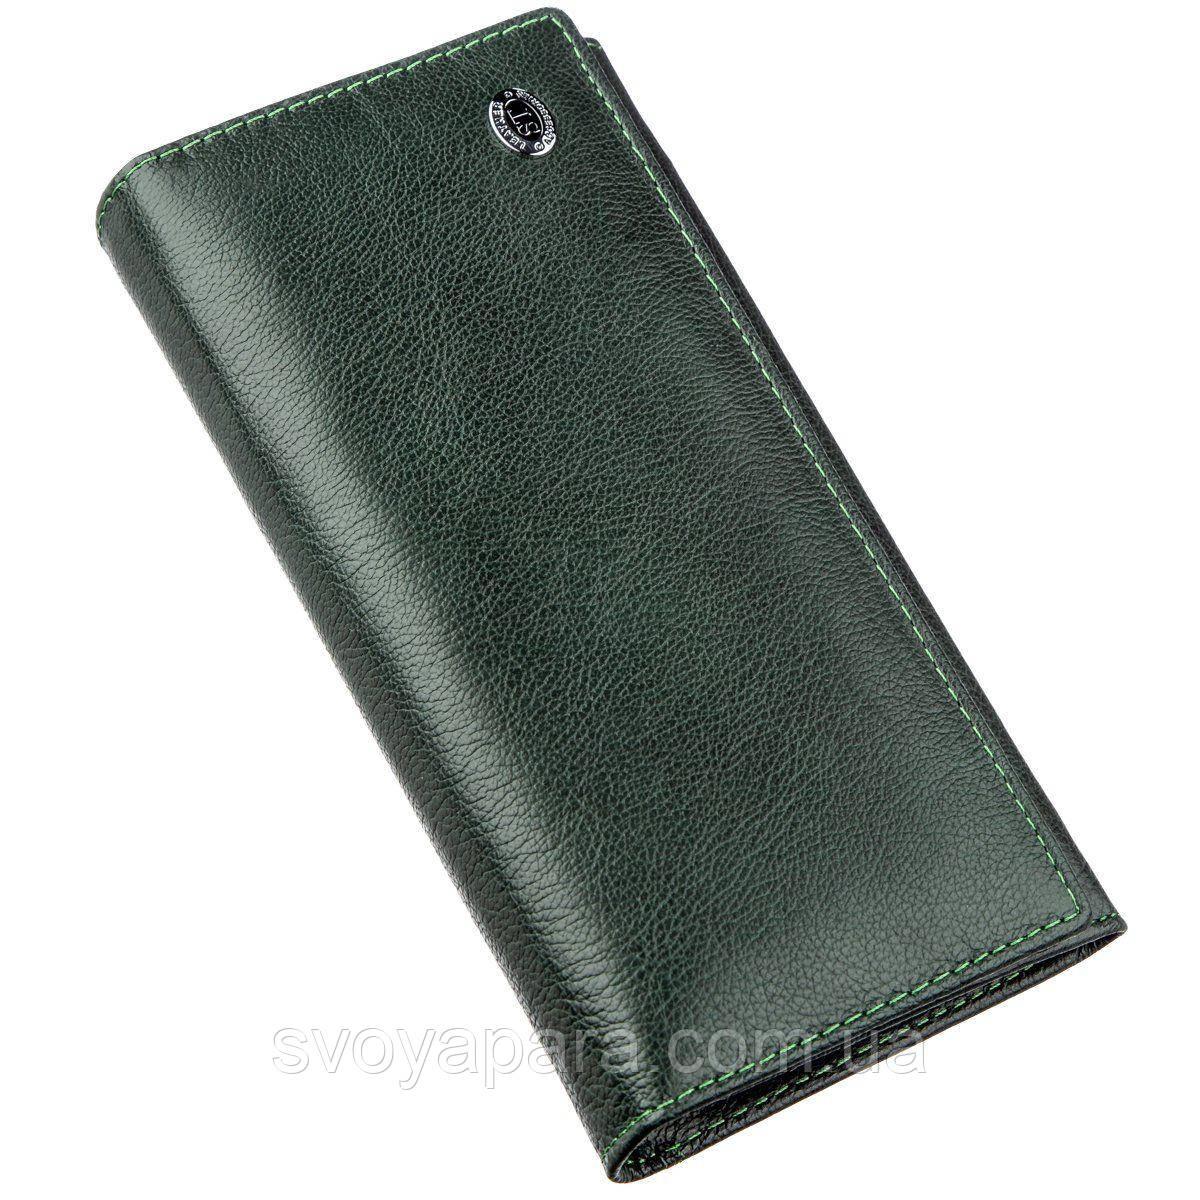 Утонченный женский кошелек ST Leather 18857 Зеленый